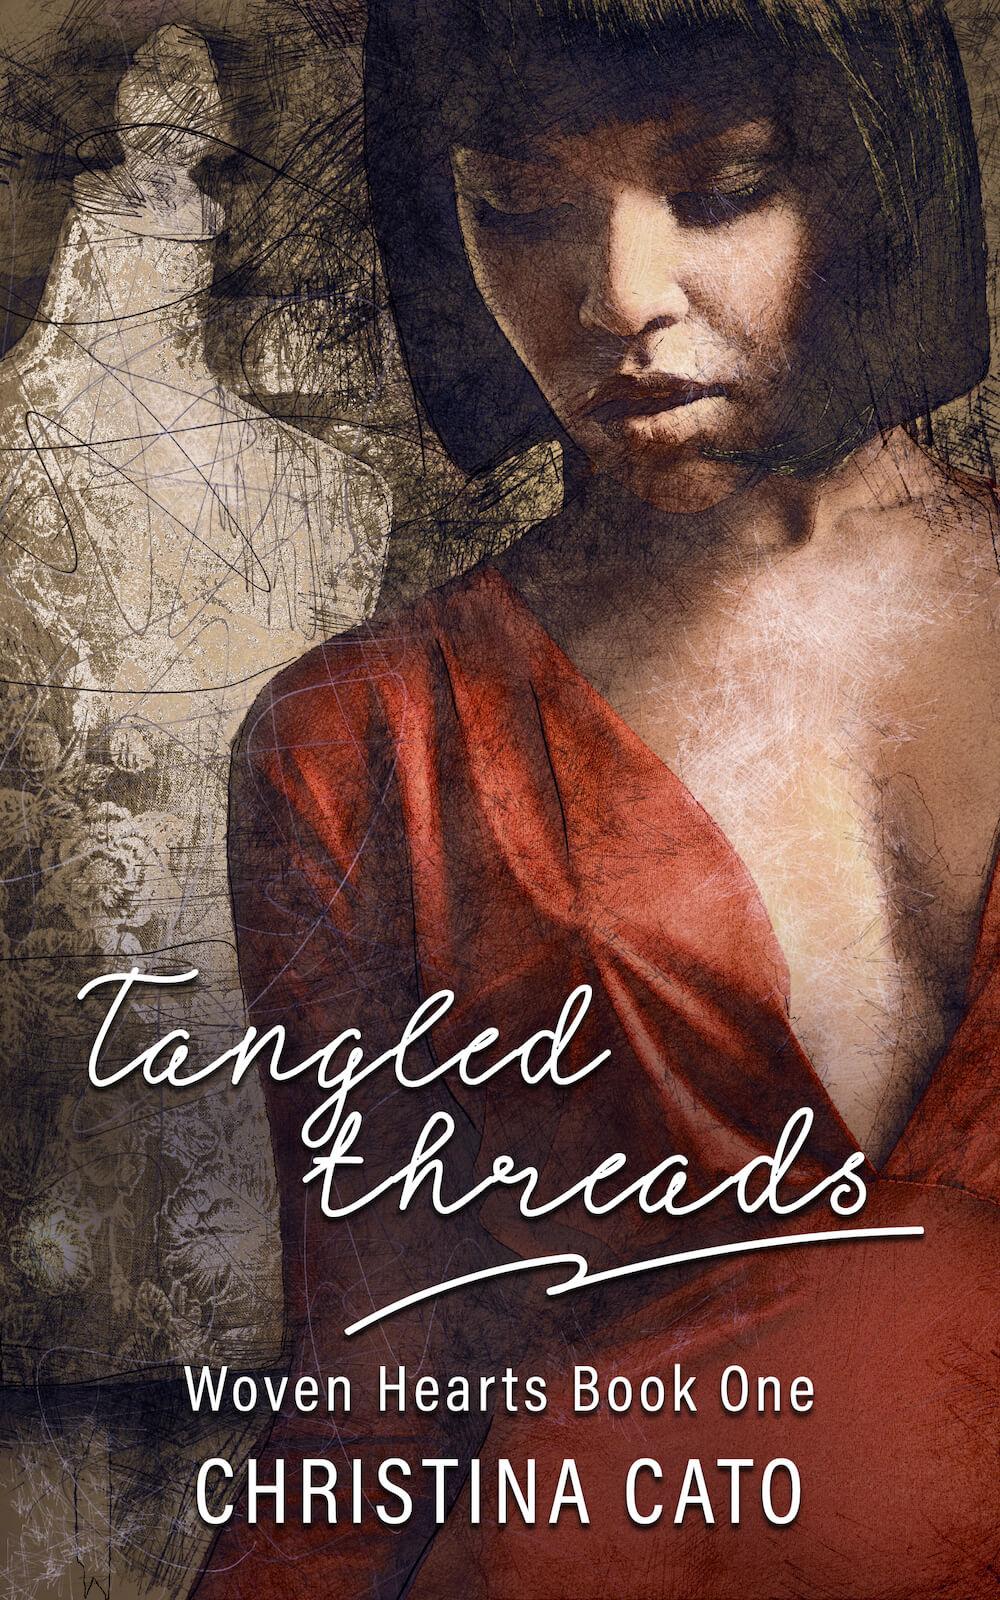 Christina Cato Woven Hearts book 1